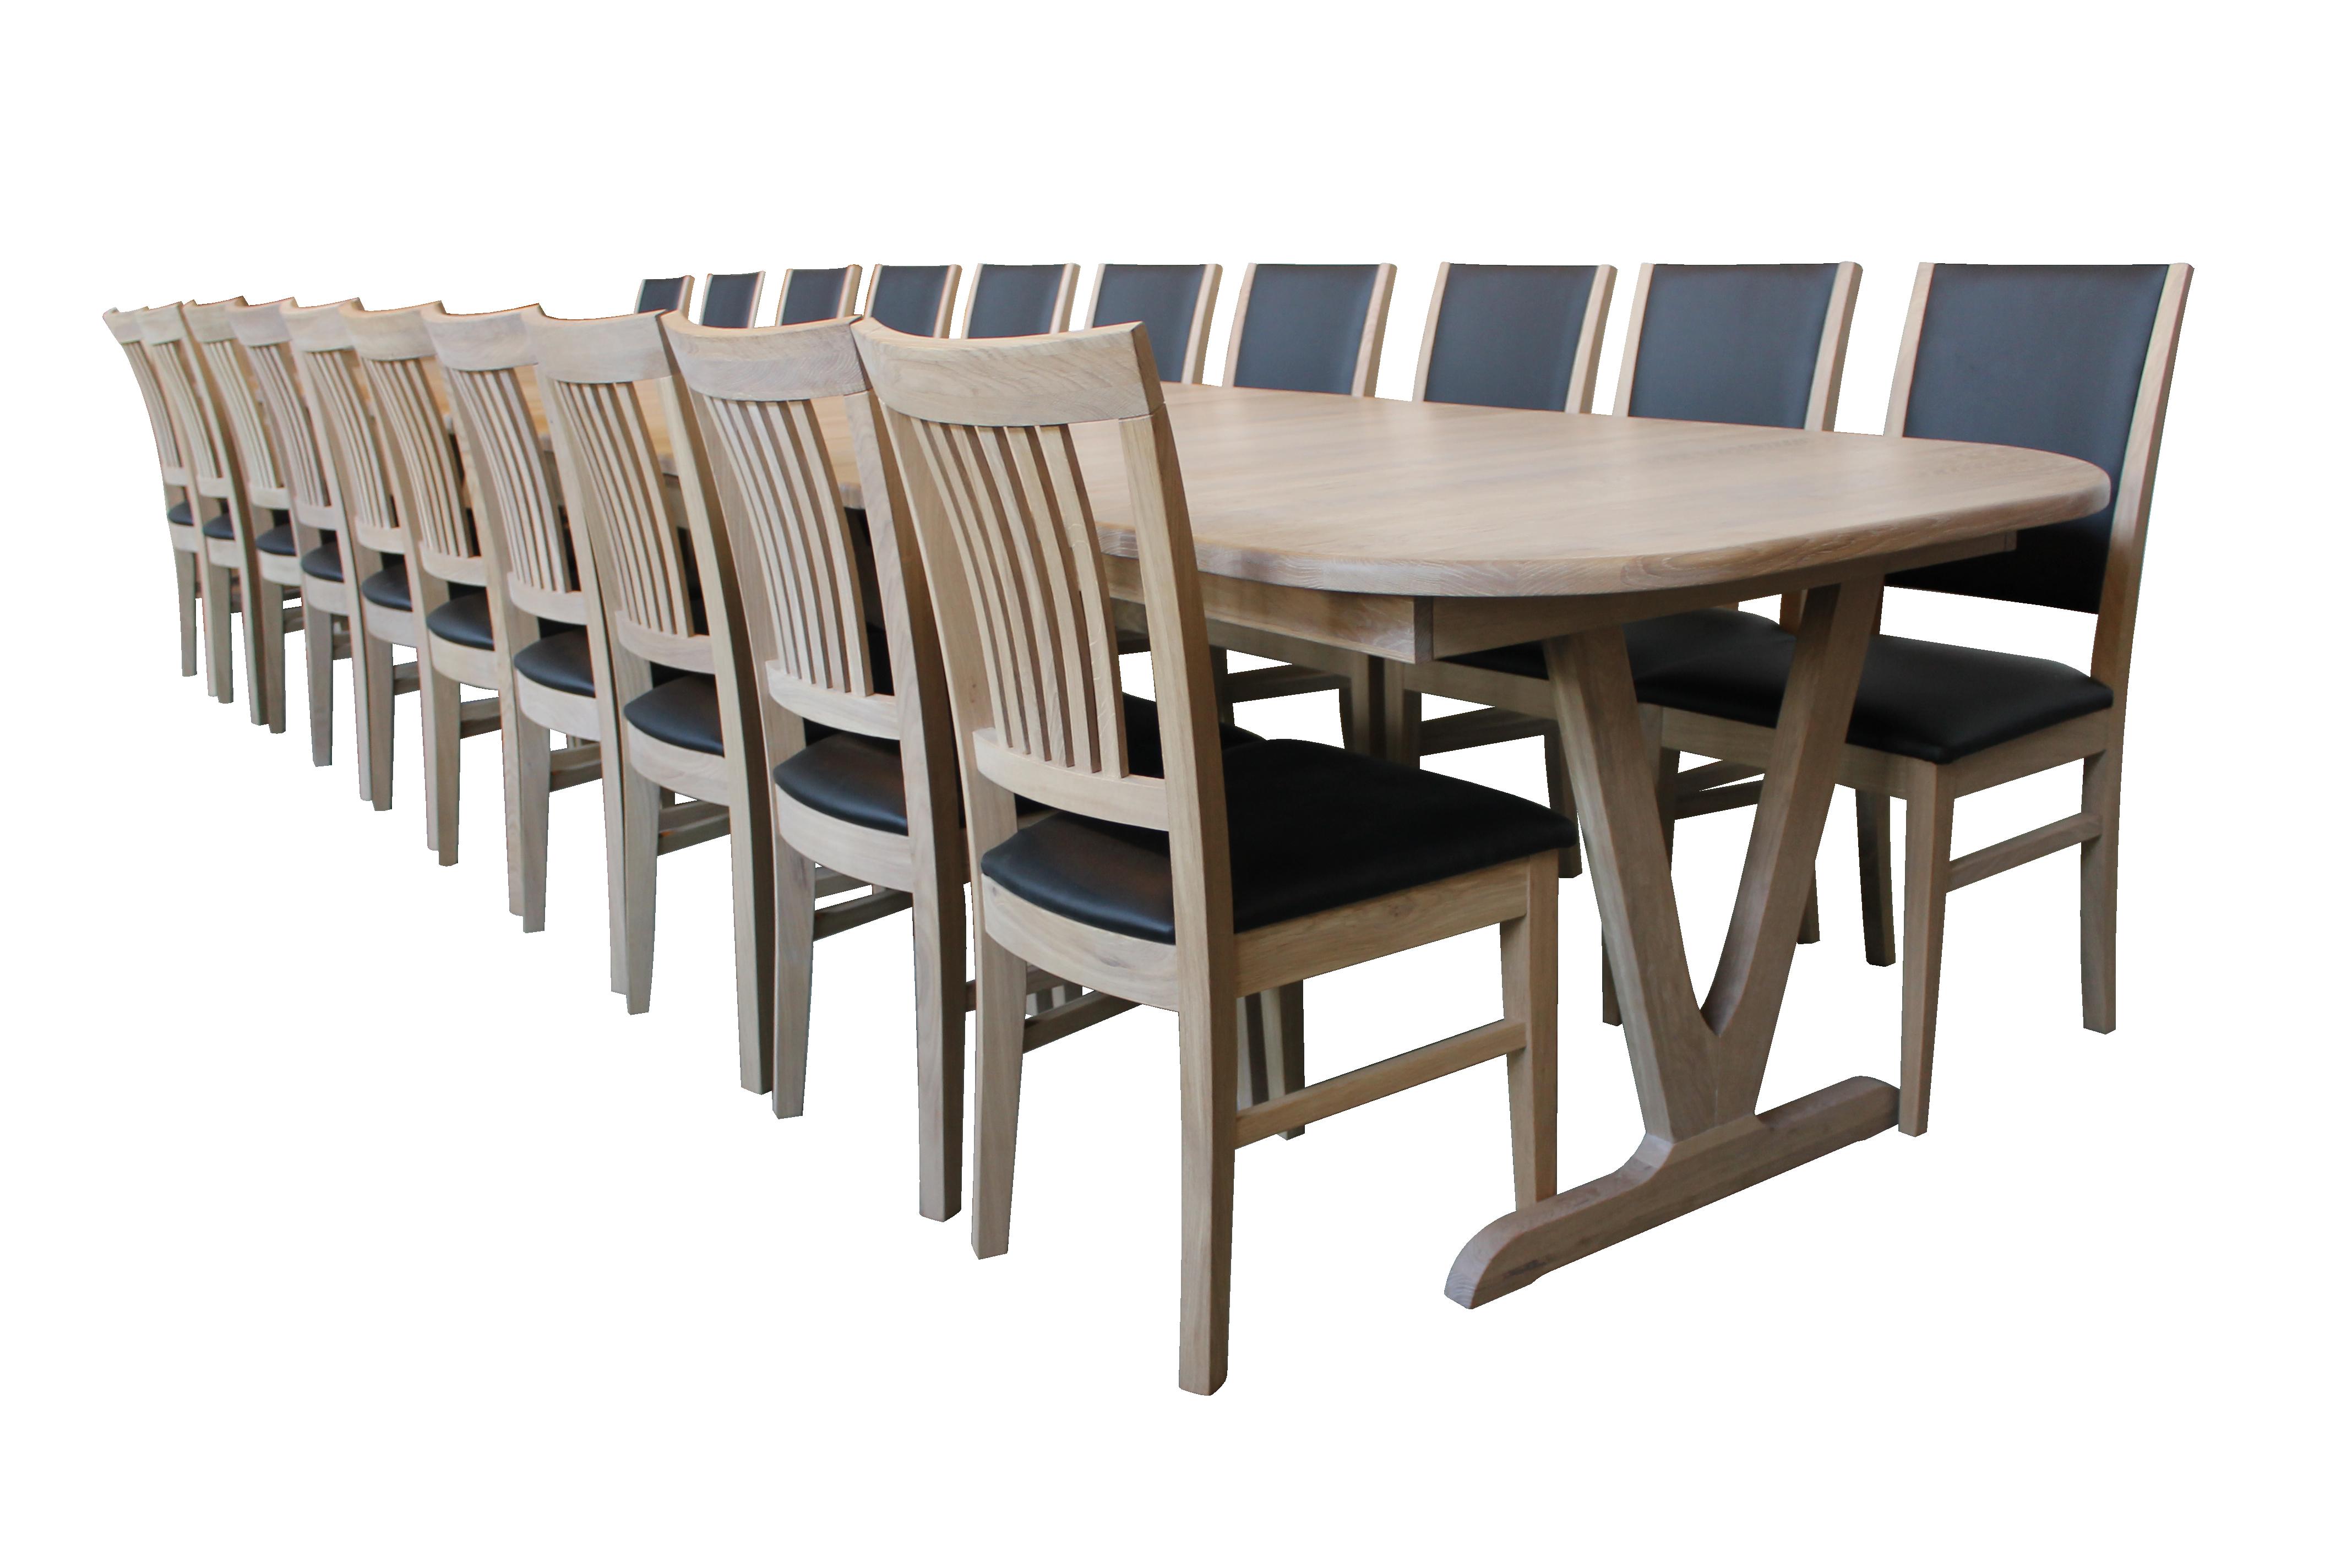 Egetræs udtræksbord 105x200cm med 6 tillægsplader á 50cm = 105x500cm